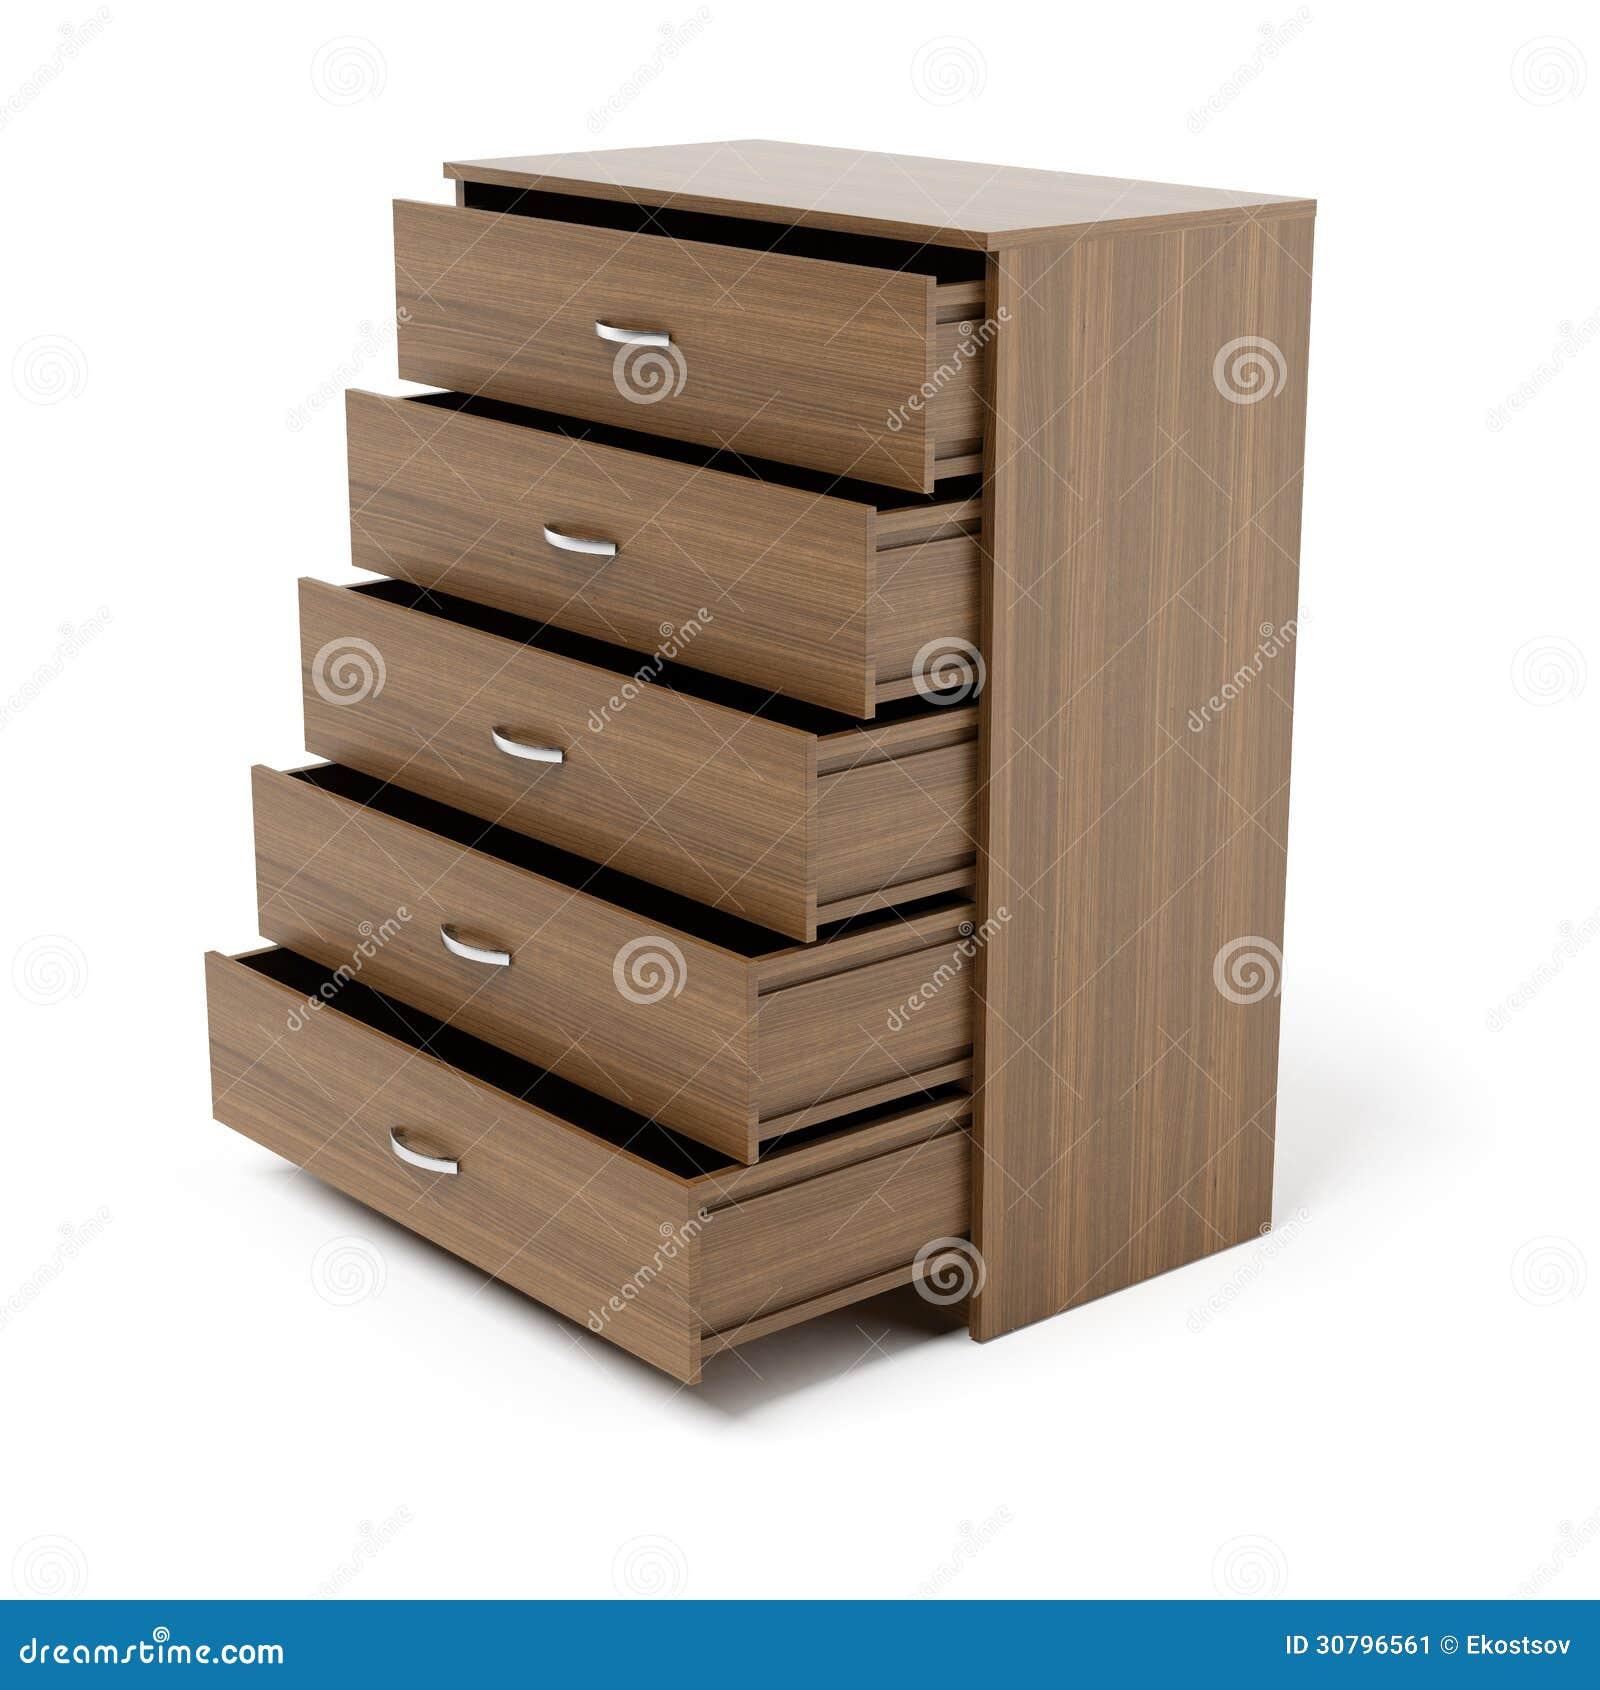 Tiroirs ouverts de coffret en bois image stock image for Comamortisseur de tiroir